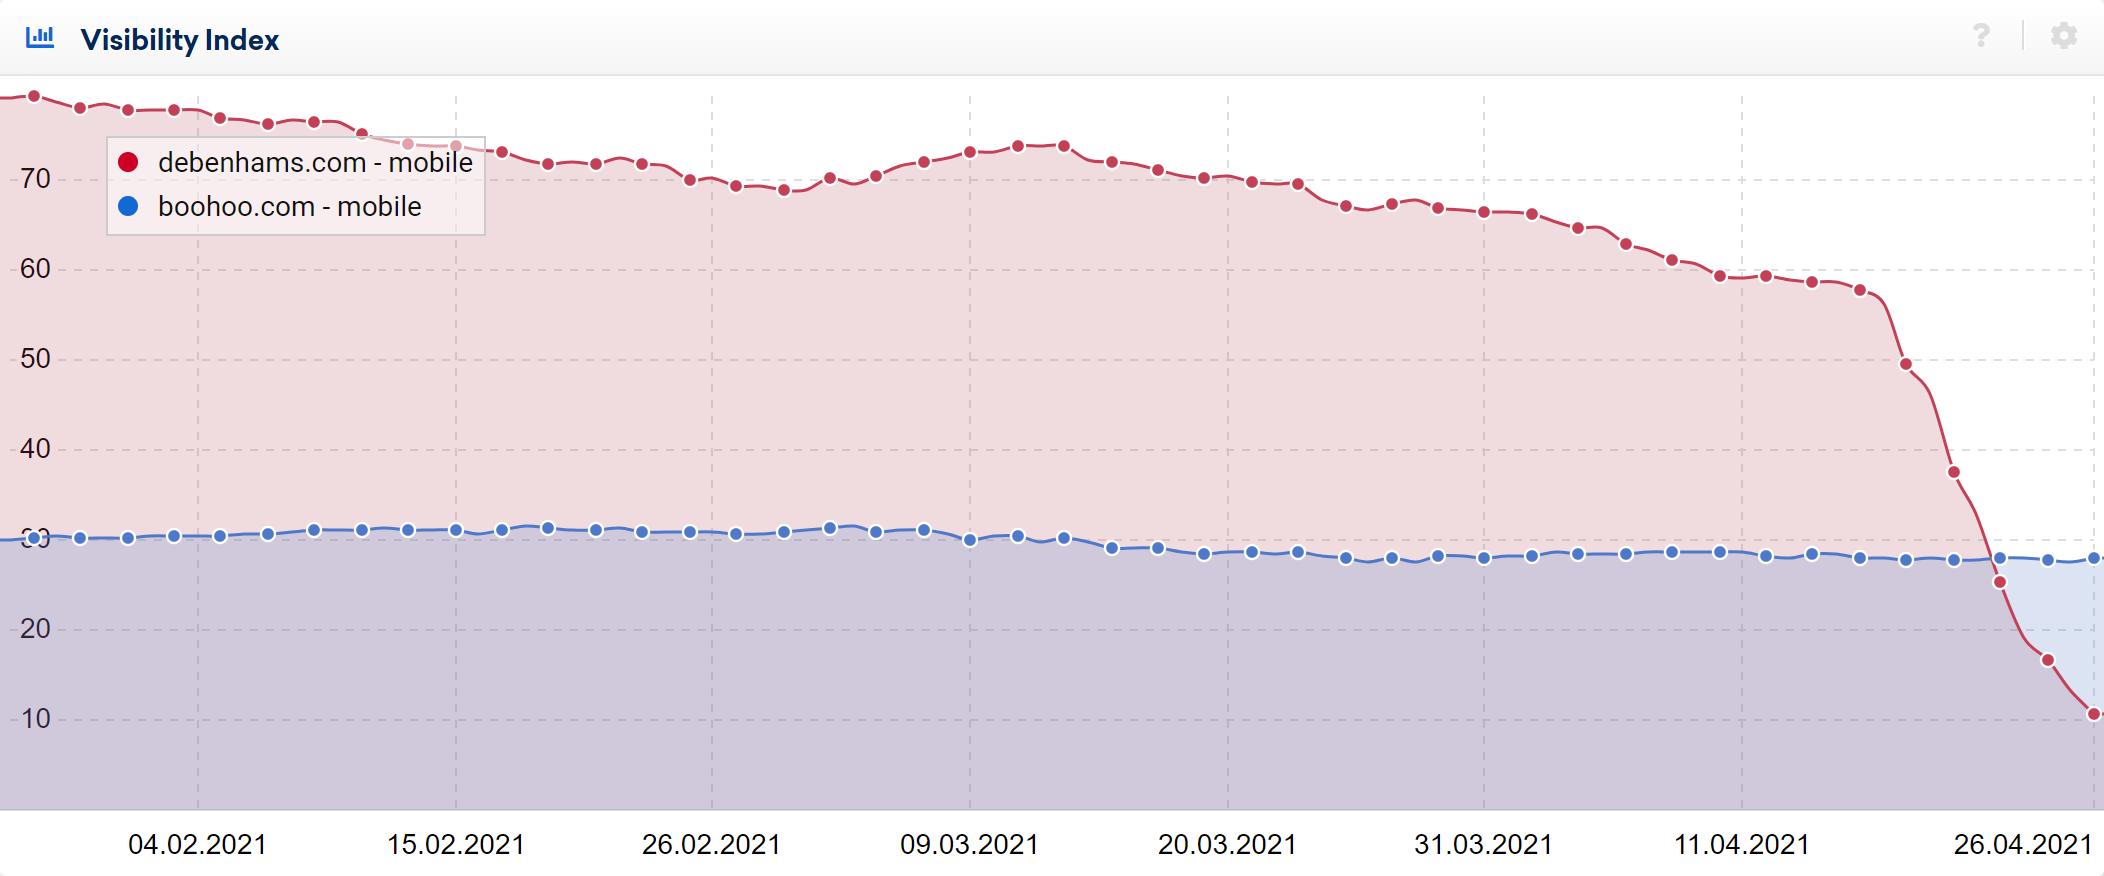 debenahms.com and boohoo.com compared